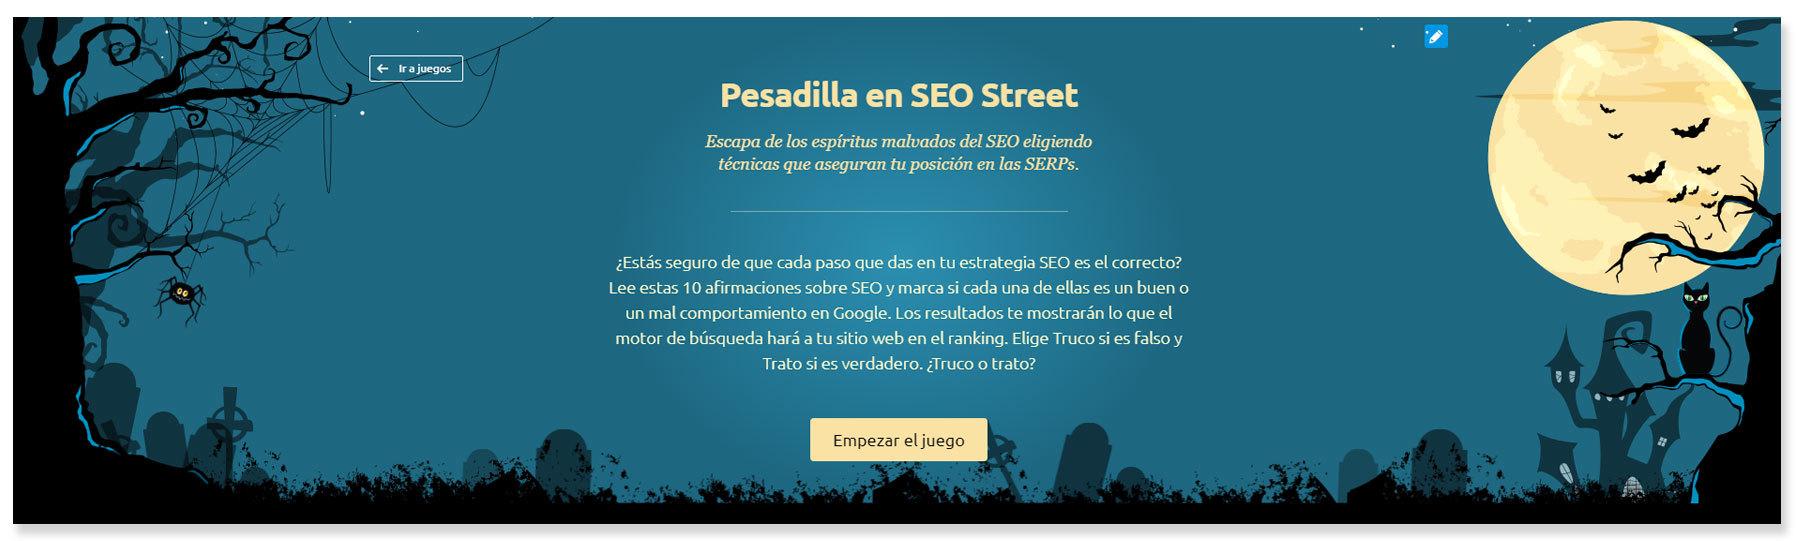 SaaS Marketing - Ejemplo SEMrush para retención de usuarios